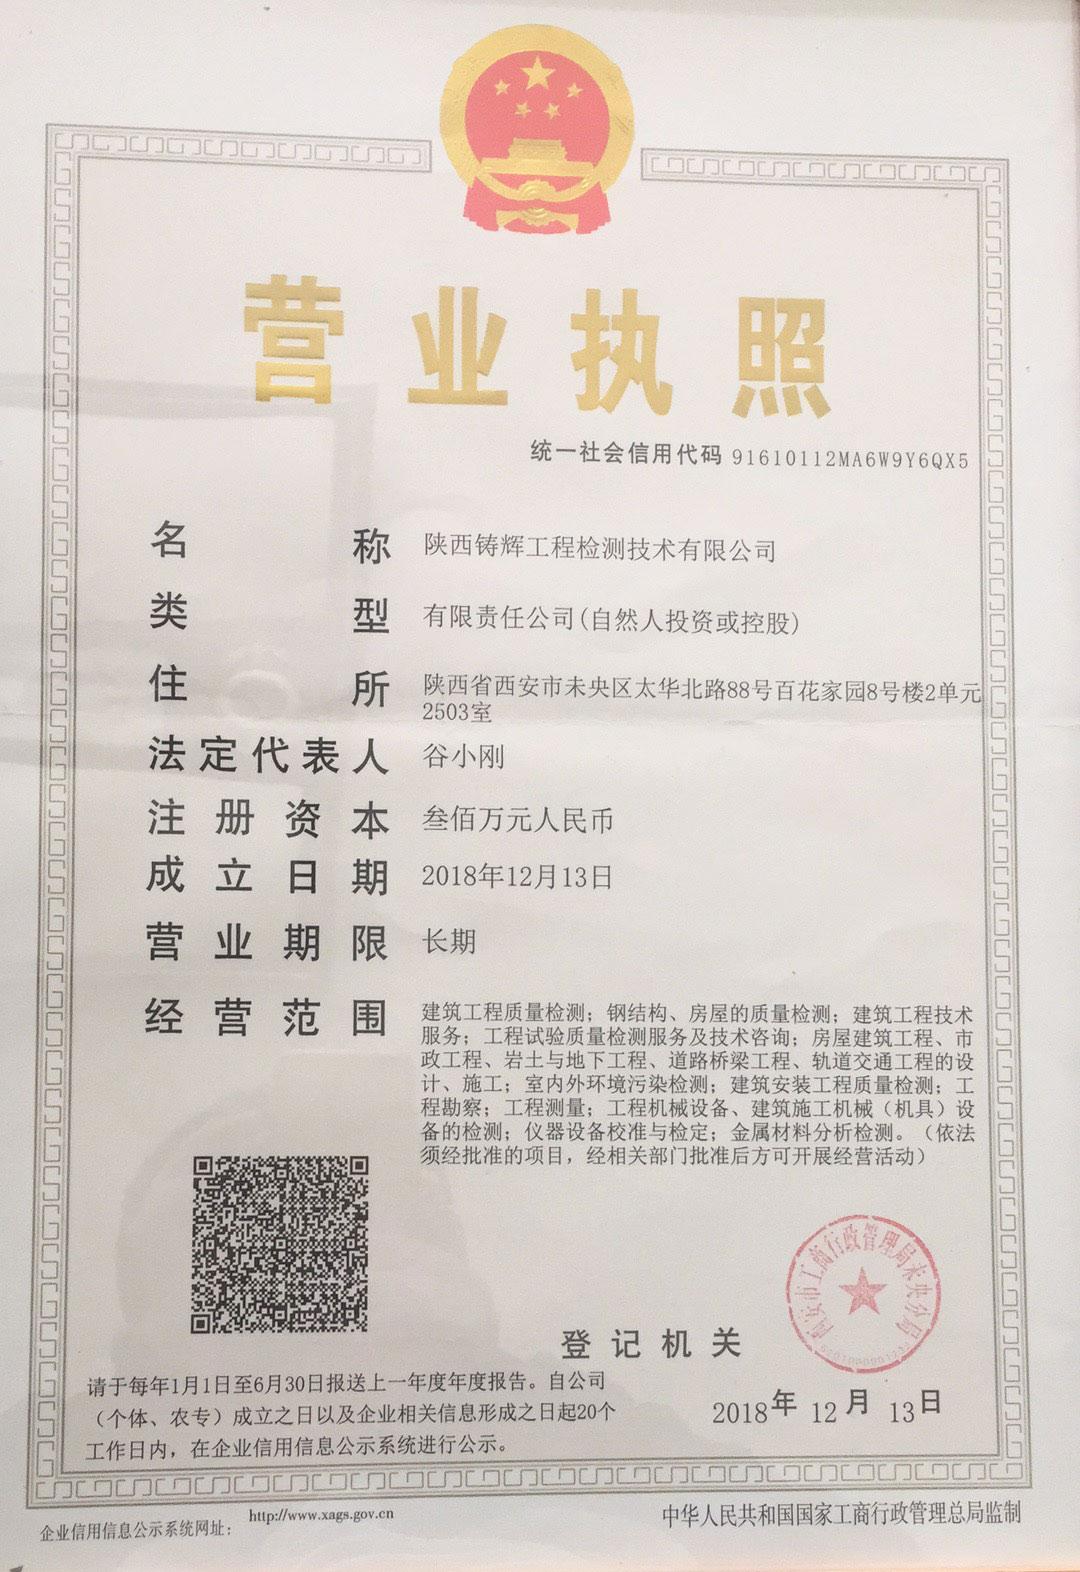 陕西铸辉工程检测营业执照